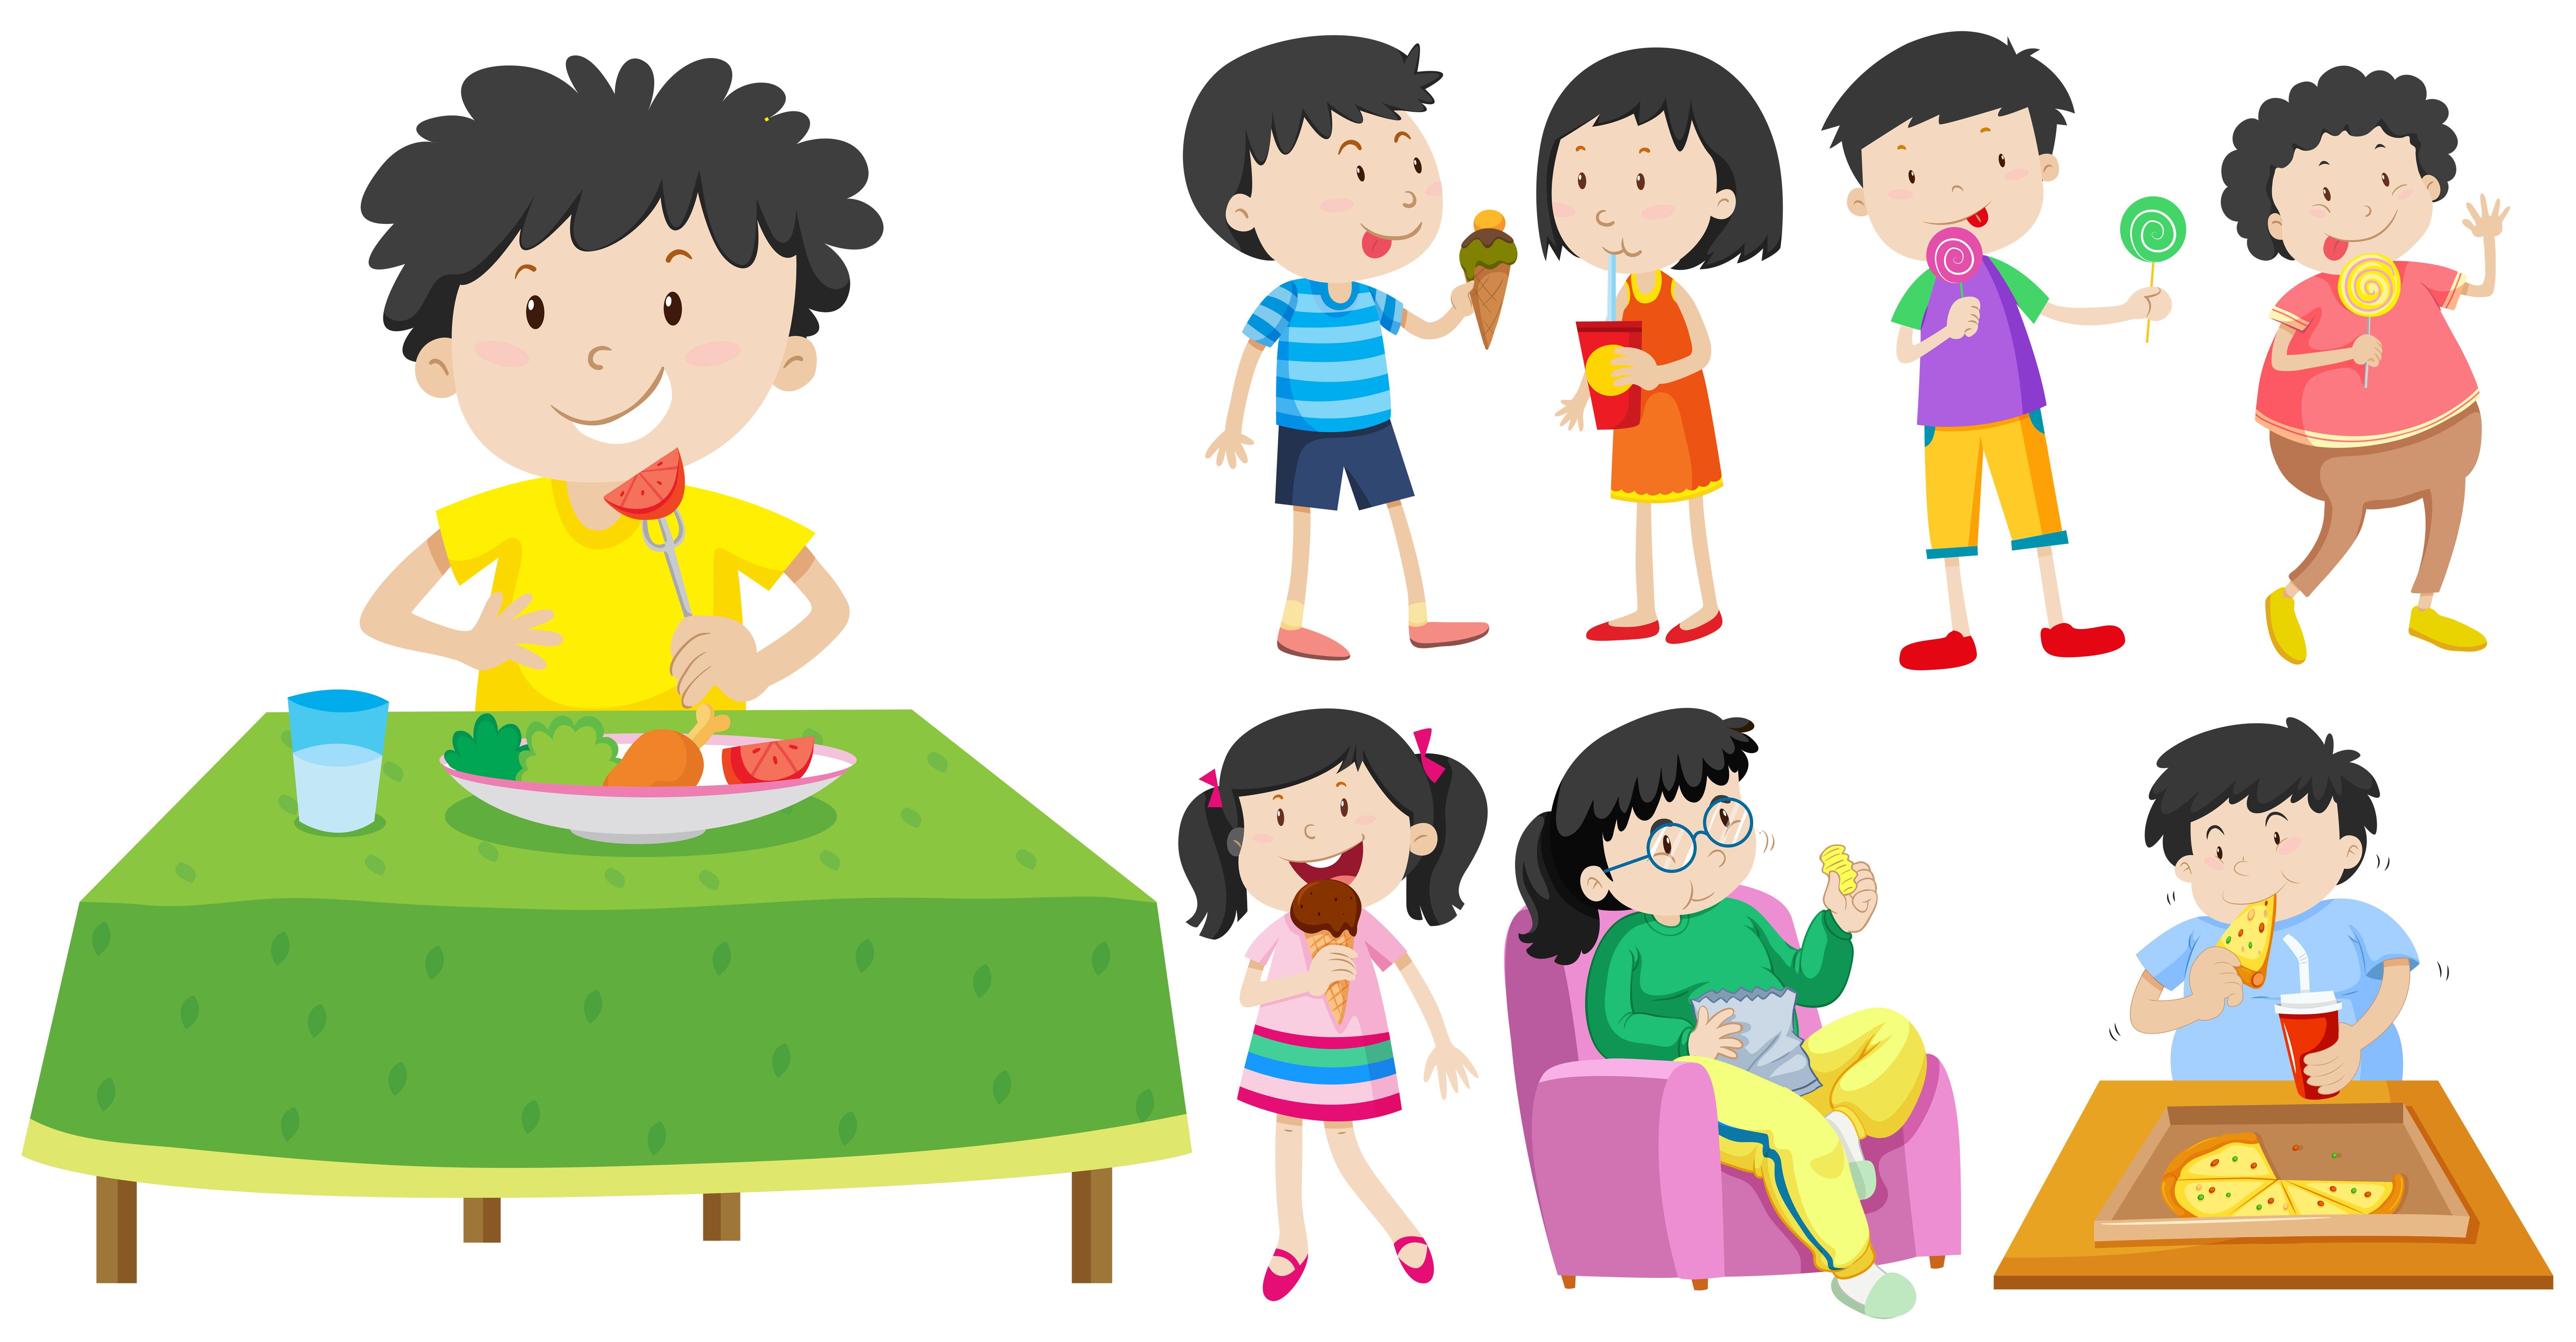 Alimentazione nei bambini: mangiare adeguatamente per crescere bene